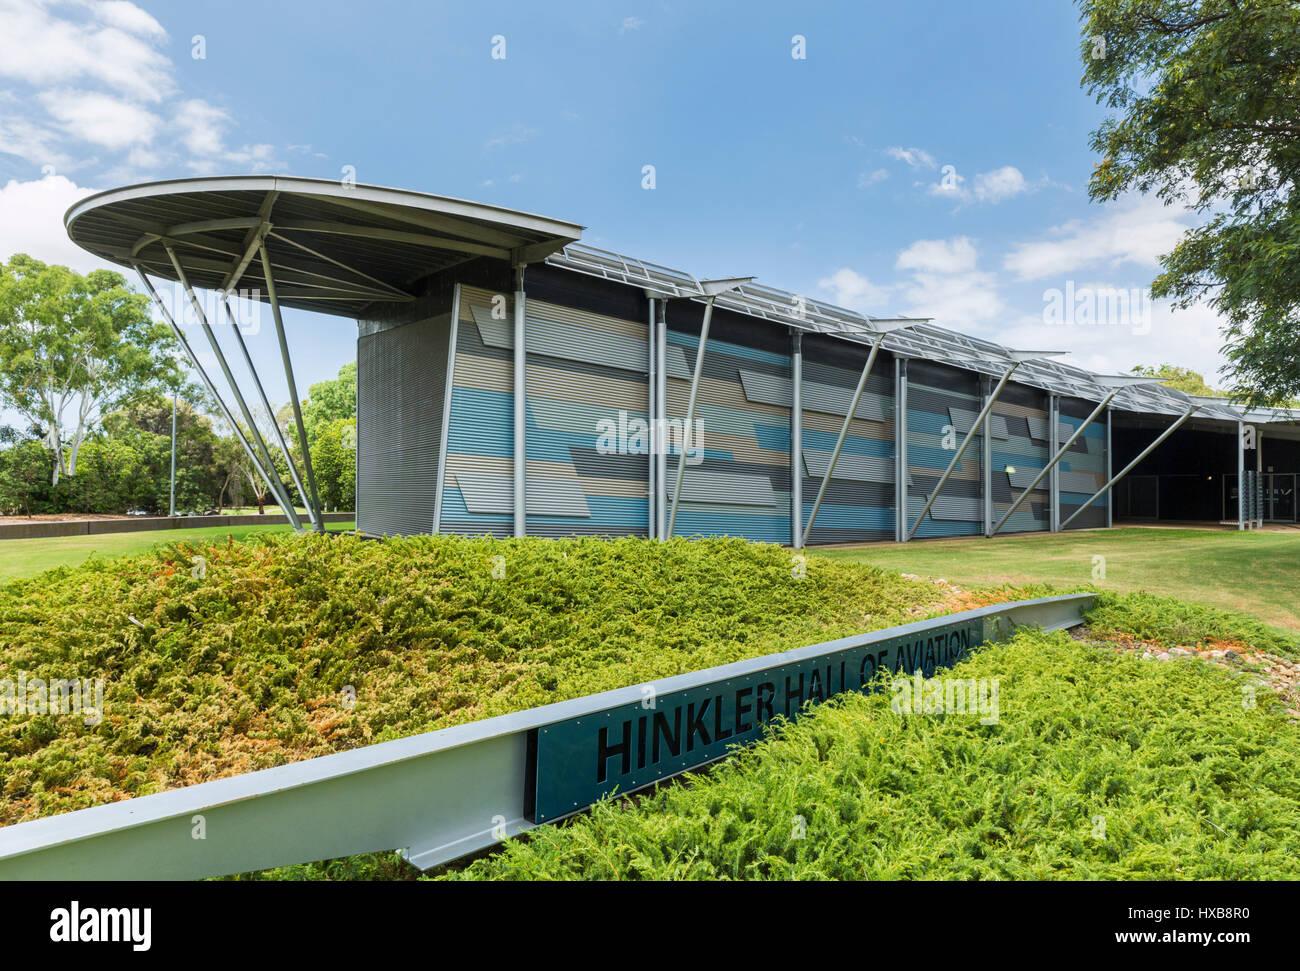 Le hall de l'Aviation Hinkler situé dans le Jardin botanique de Bundaberg. Bundaberg, Queensland, Australie Banque D'Images